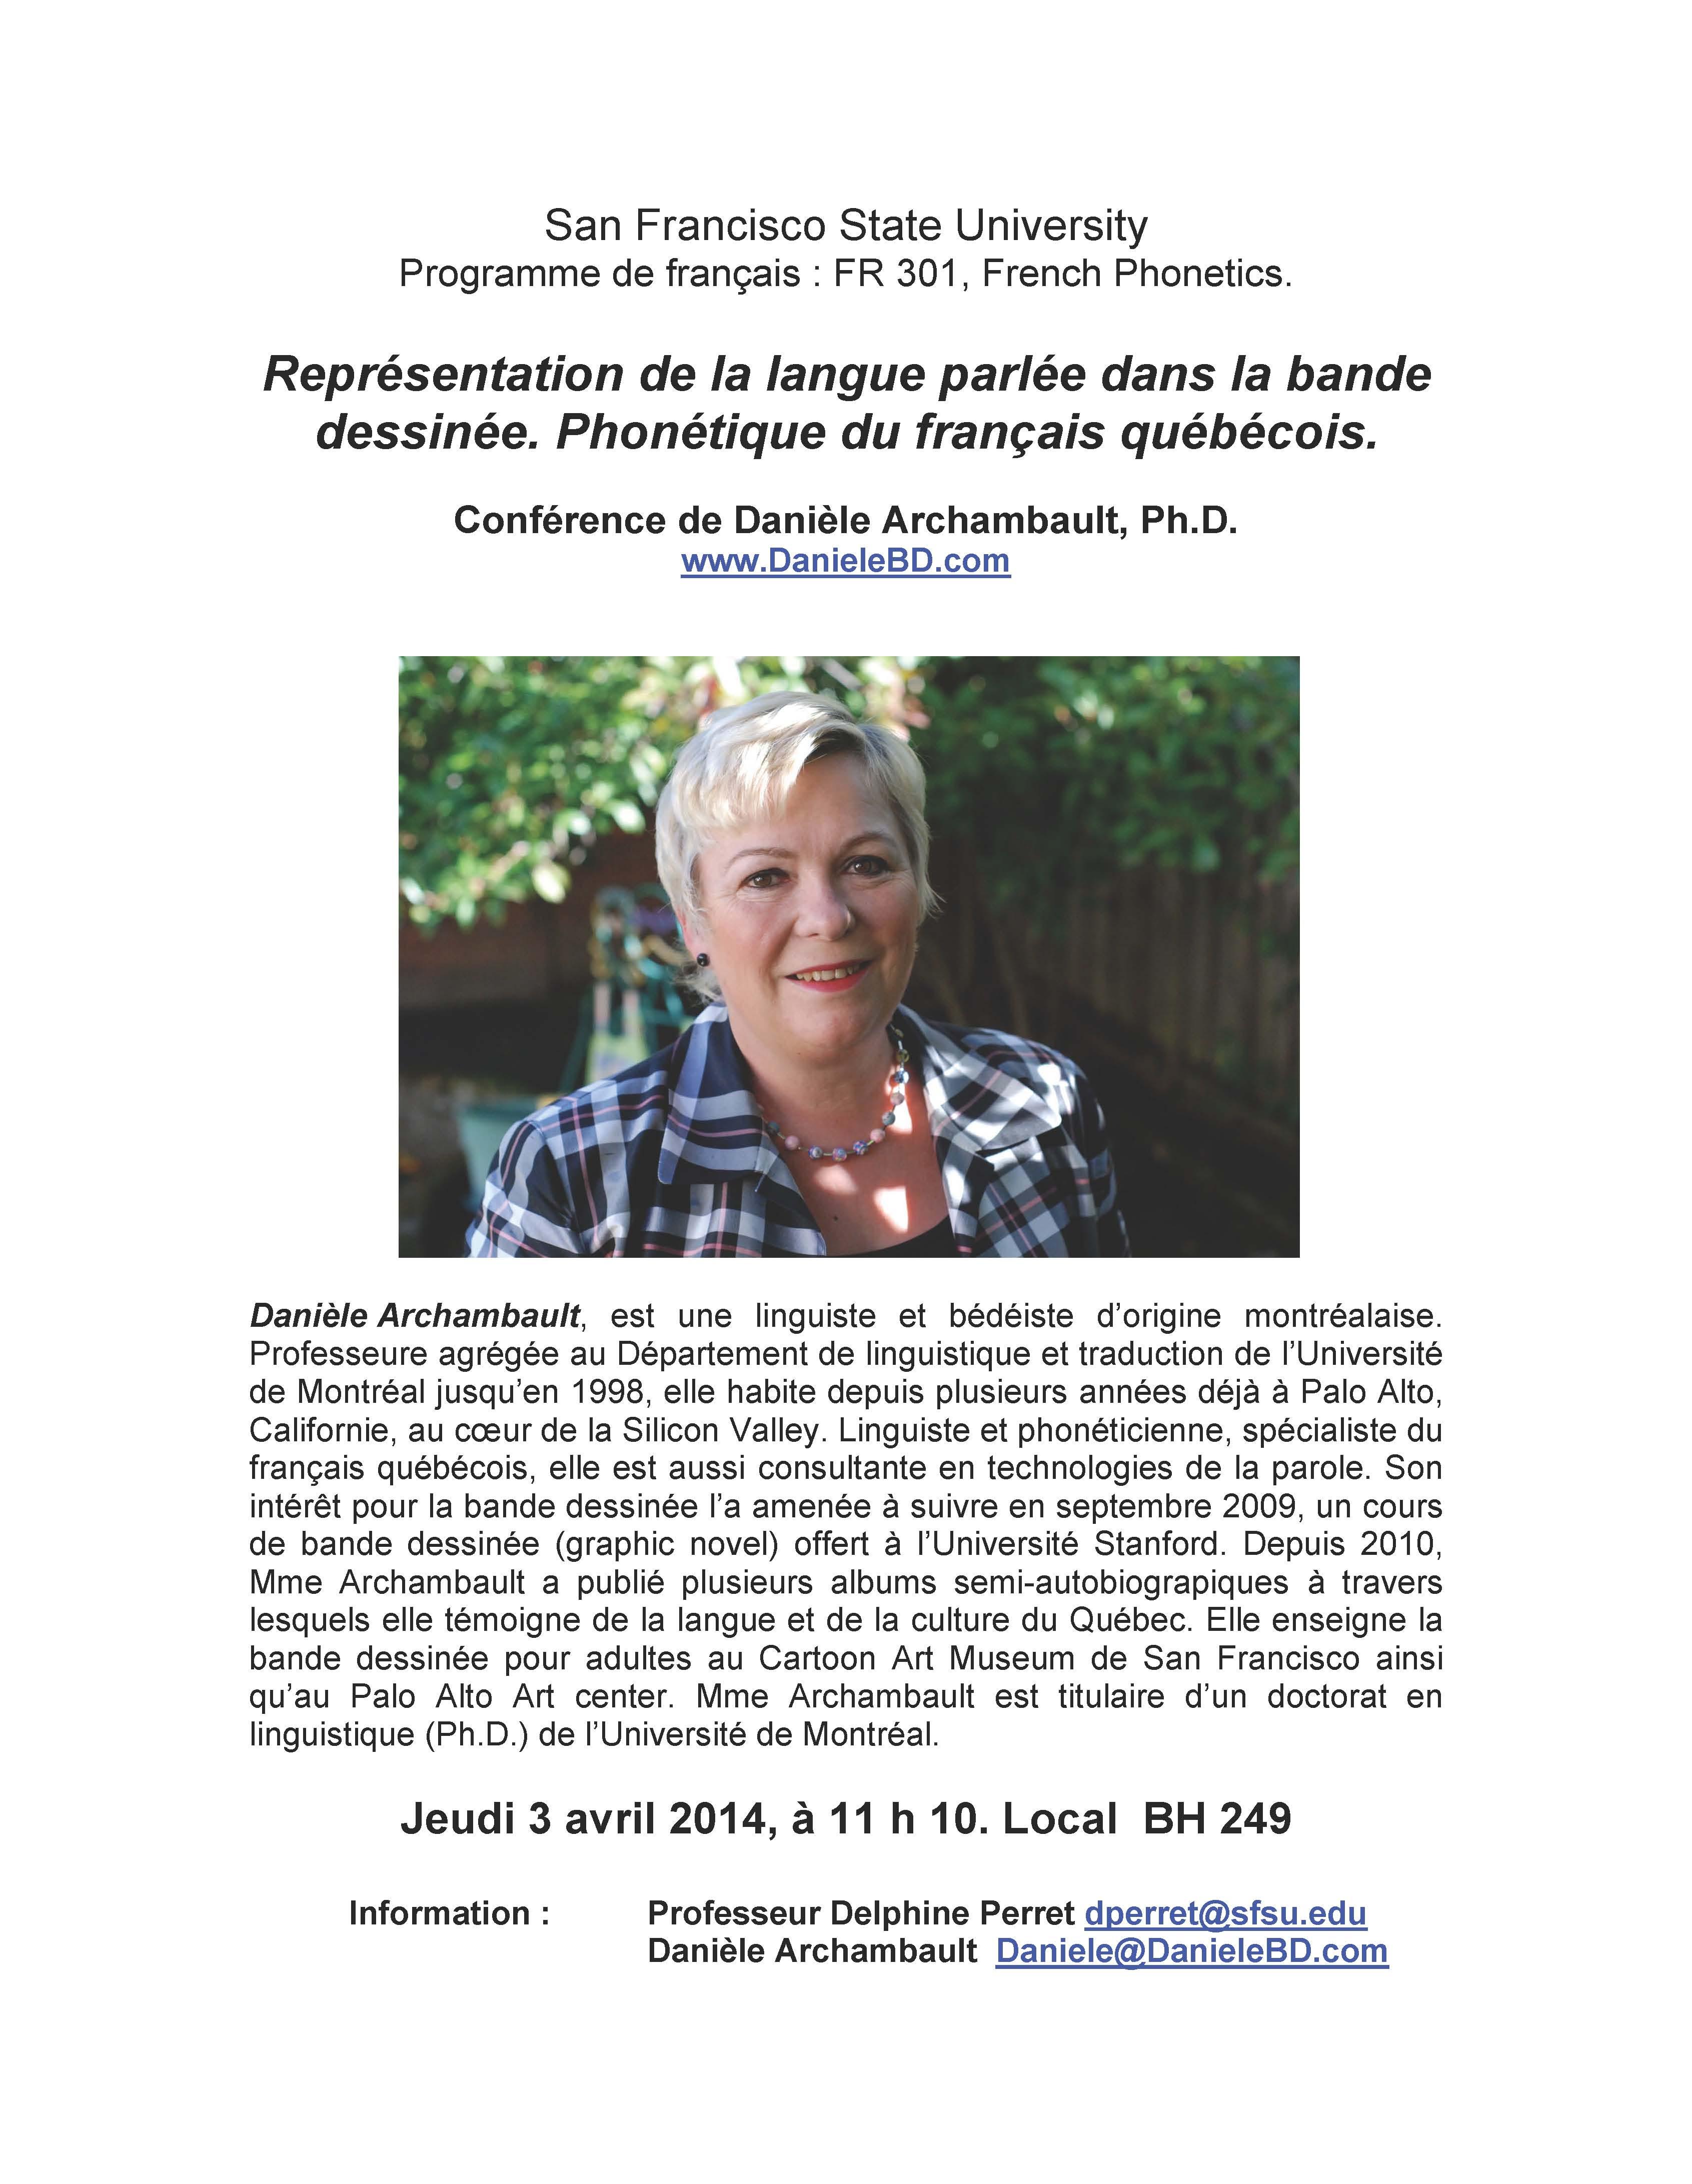 Conférence sur la BD et la phonétique du français québécois. San Francisco State University. Danièle Archambault